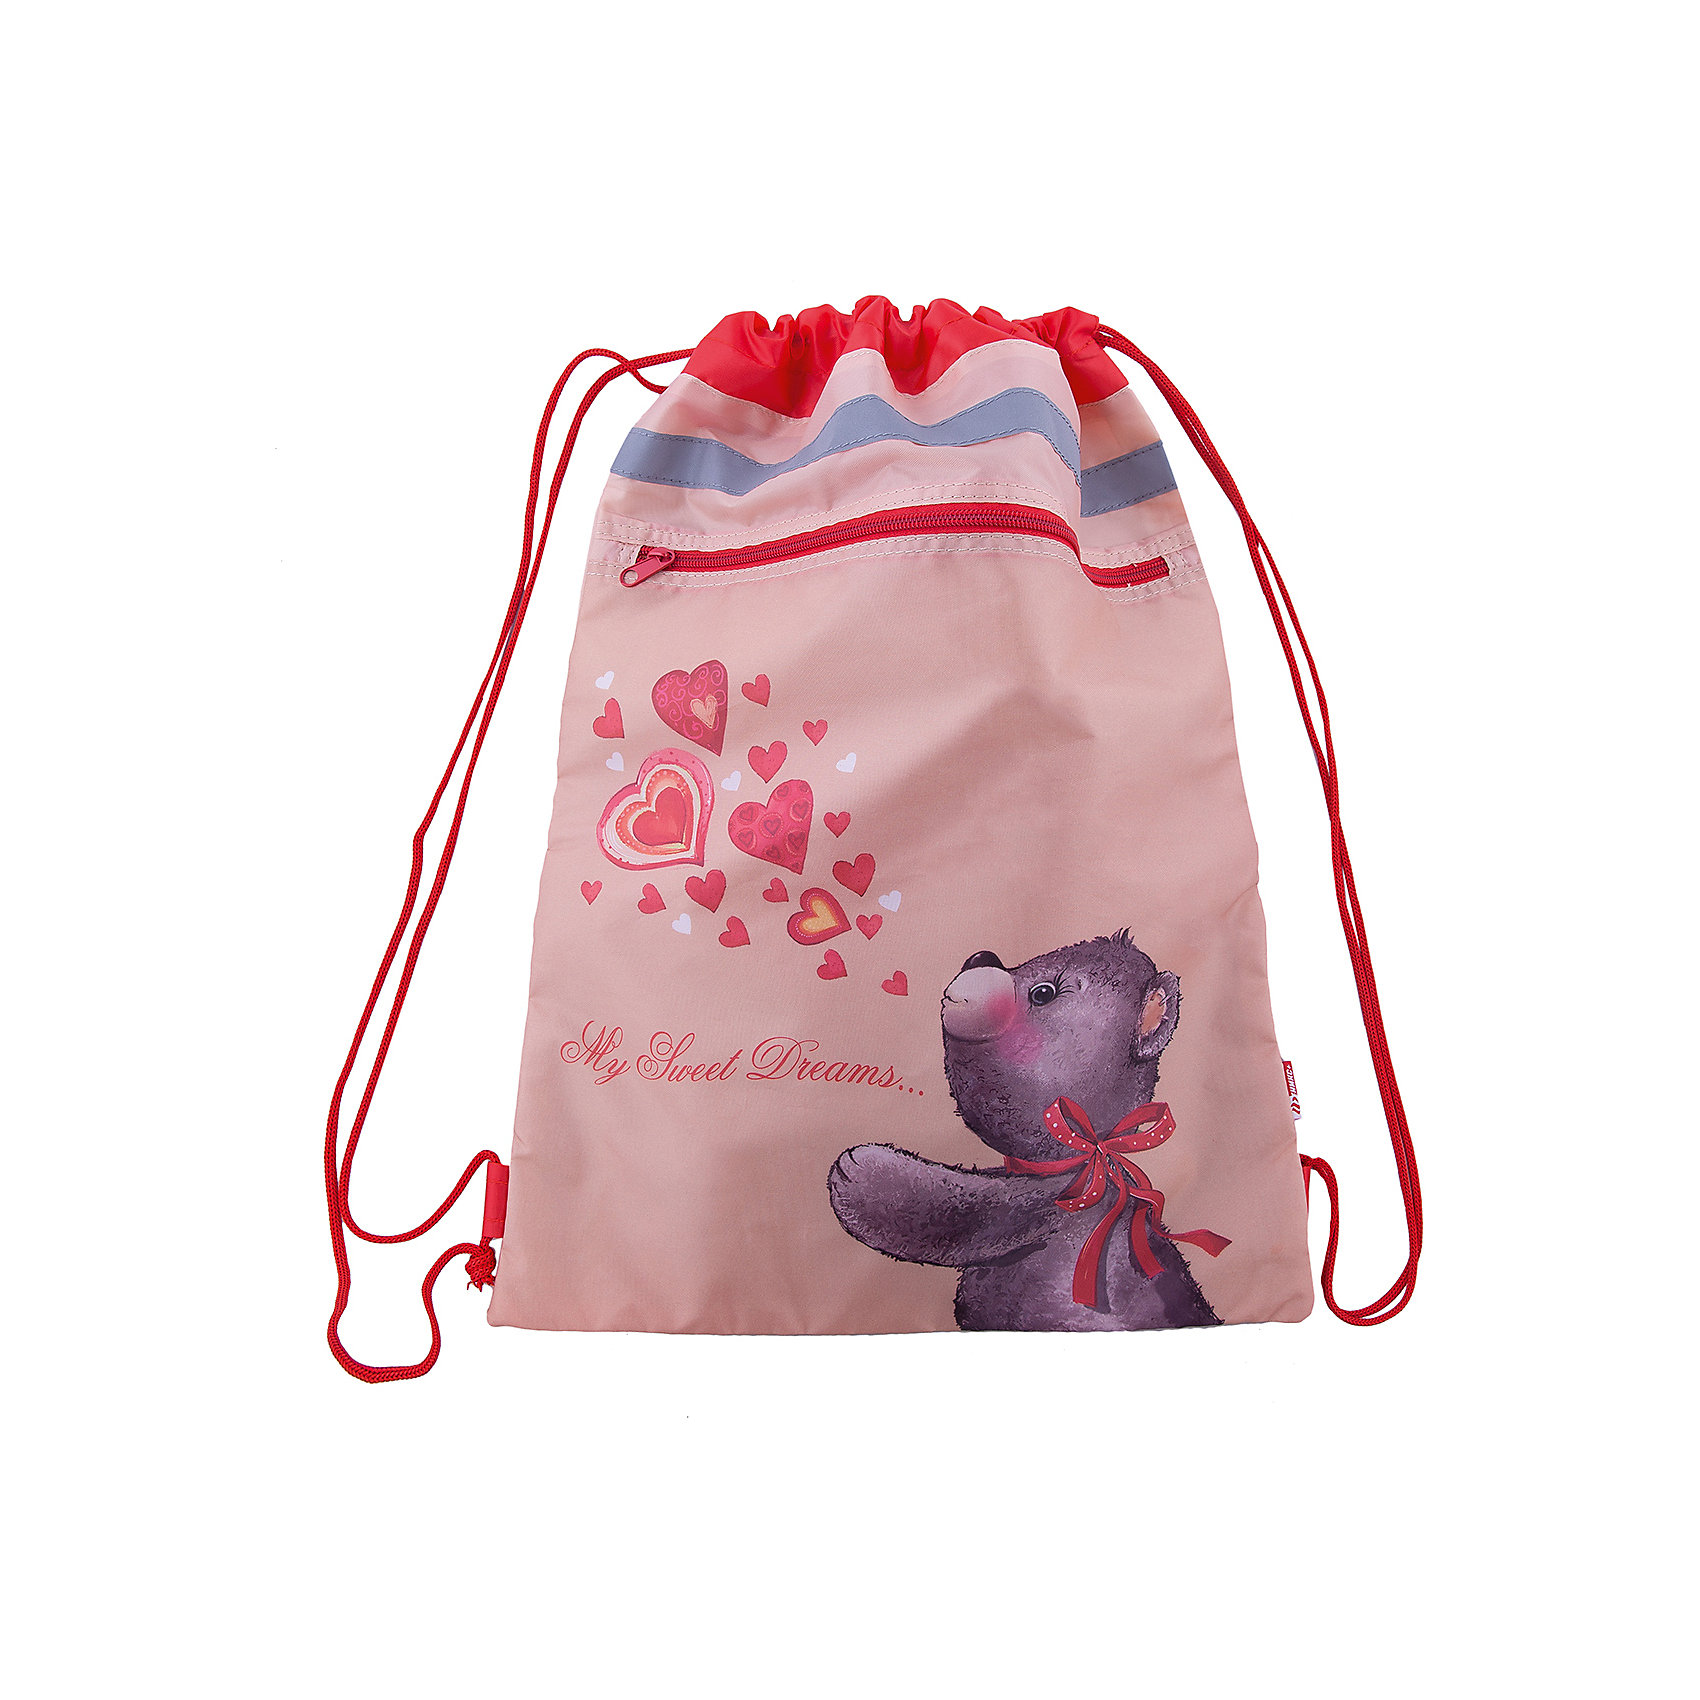 Феникс+ Мешок для обуви Мишка и сердечки кресло мешок купить в магазине